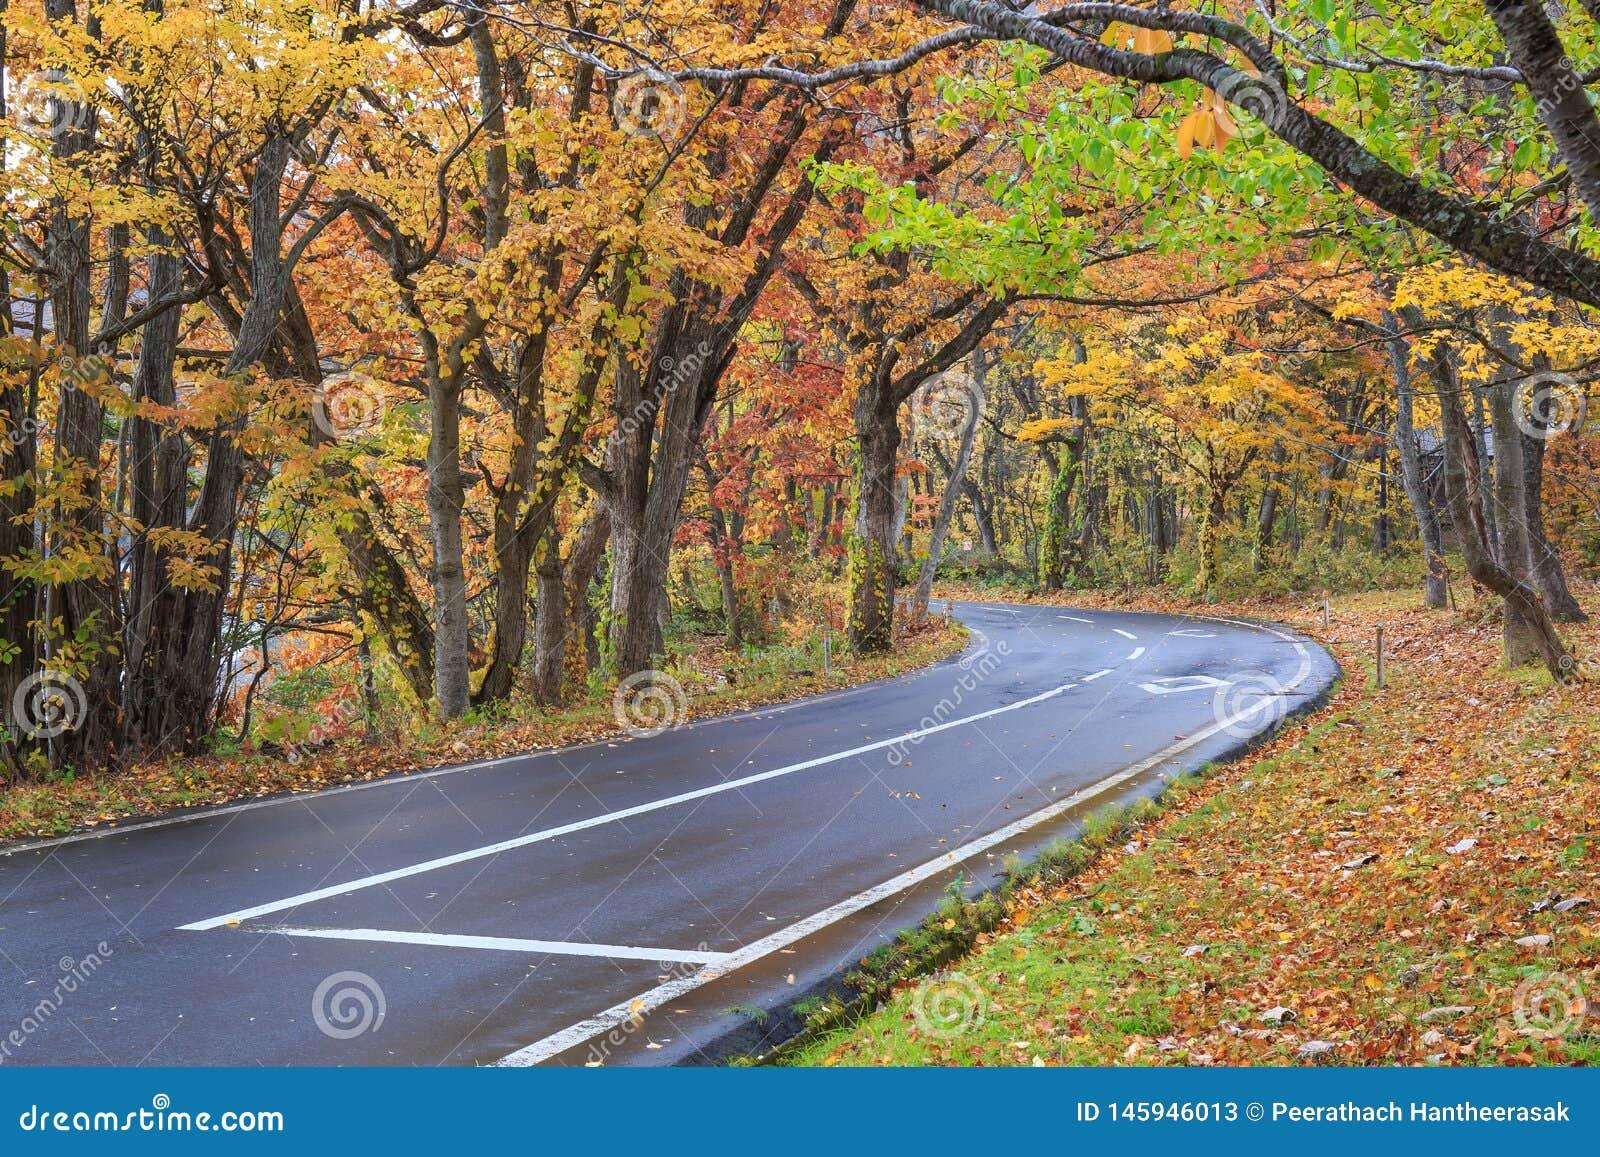 有充满活力的叶子的湖路在秋天,十和田湖-数纳,秋田,日本